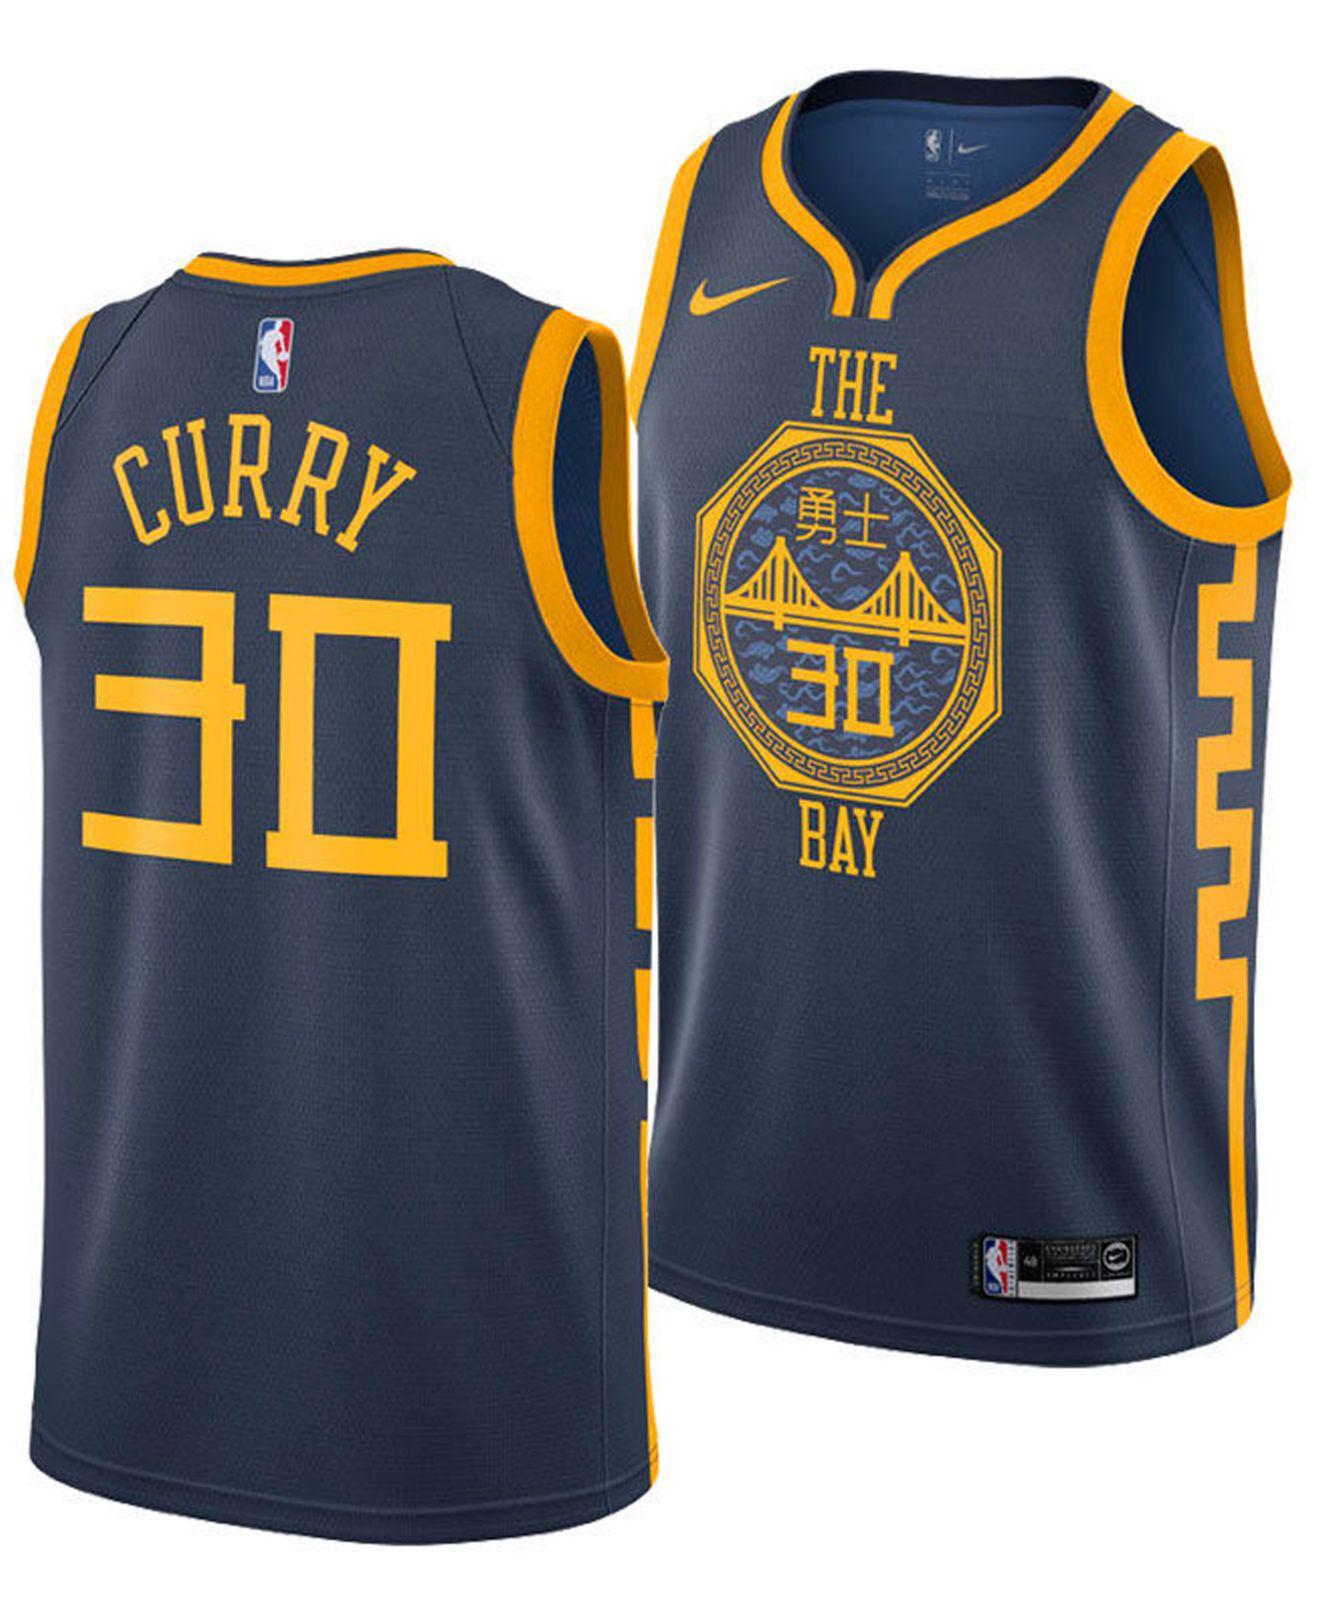 5e1a893e722 Nike. Men s Blue Stephen Curry Golden State Warriors City Swingman Jersey  2018